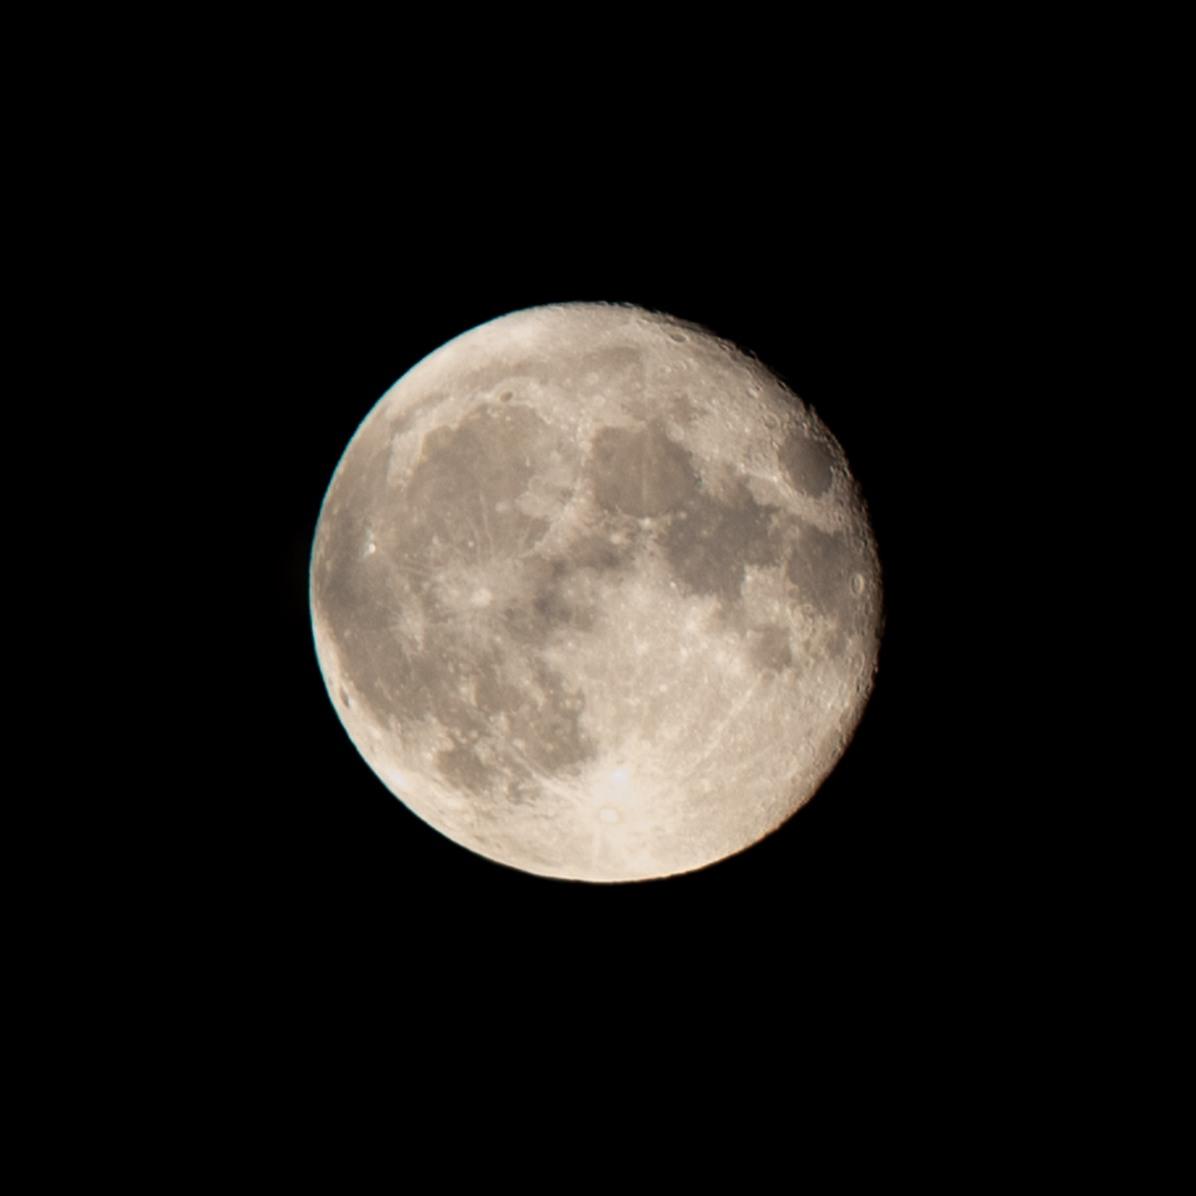 Dag 2 vanaf volle maan. 23-09-2021. tijdstip opname 22.58 uur. Maanopkomst 20.54 uur Maanondergang 11.15 uur (Maan 2) Muzieknummer van deze maan: Heidi: Sting; Moon over Bourbon street. Deze is aangeleverd door Heidi, dank je wel. De Moonsongs-playlist: https://open.spotify.com/playlist/4som6hoVBAn8mI5Jabtm2o